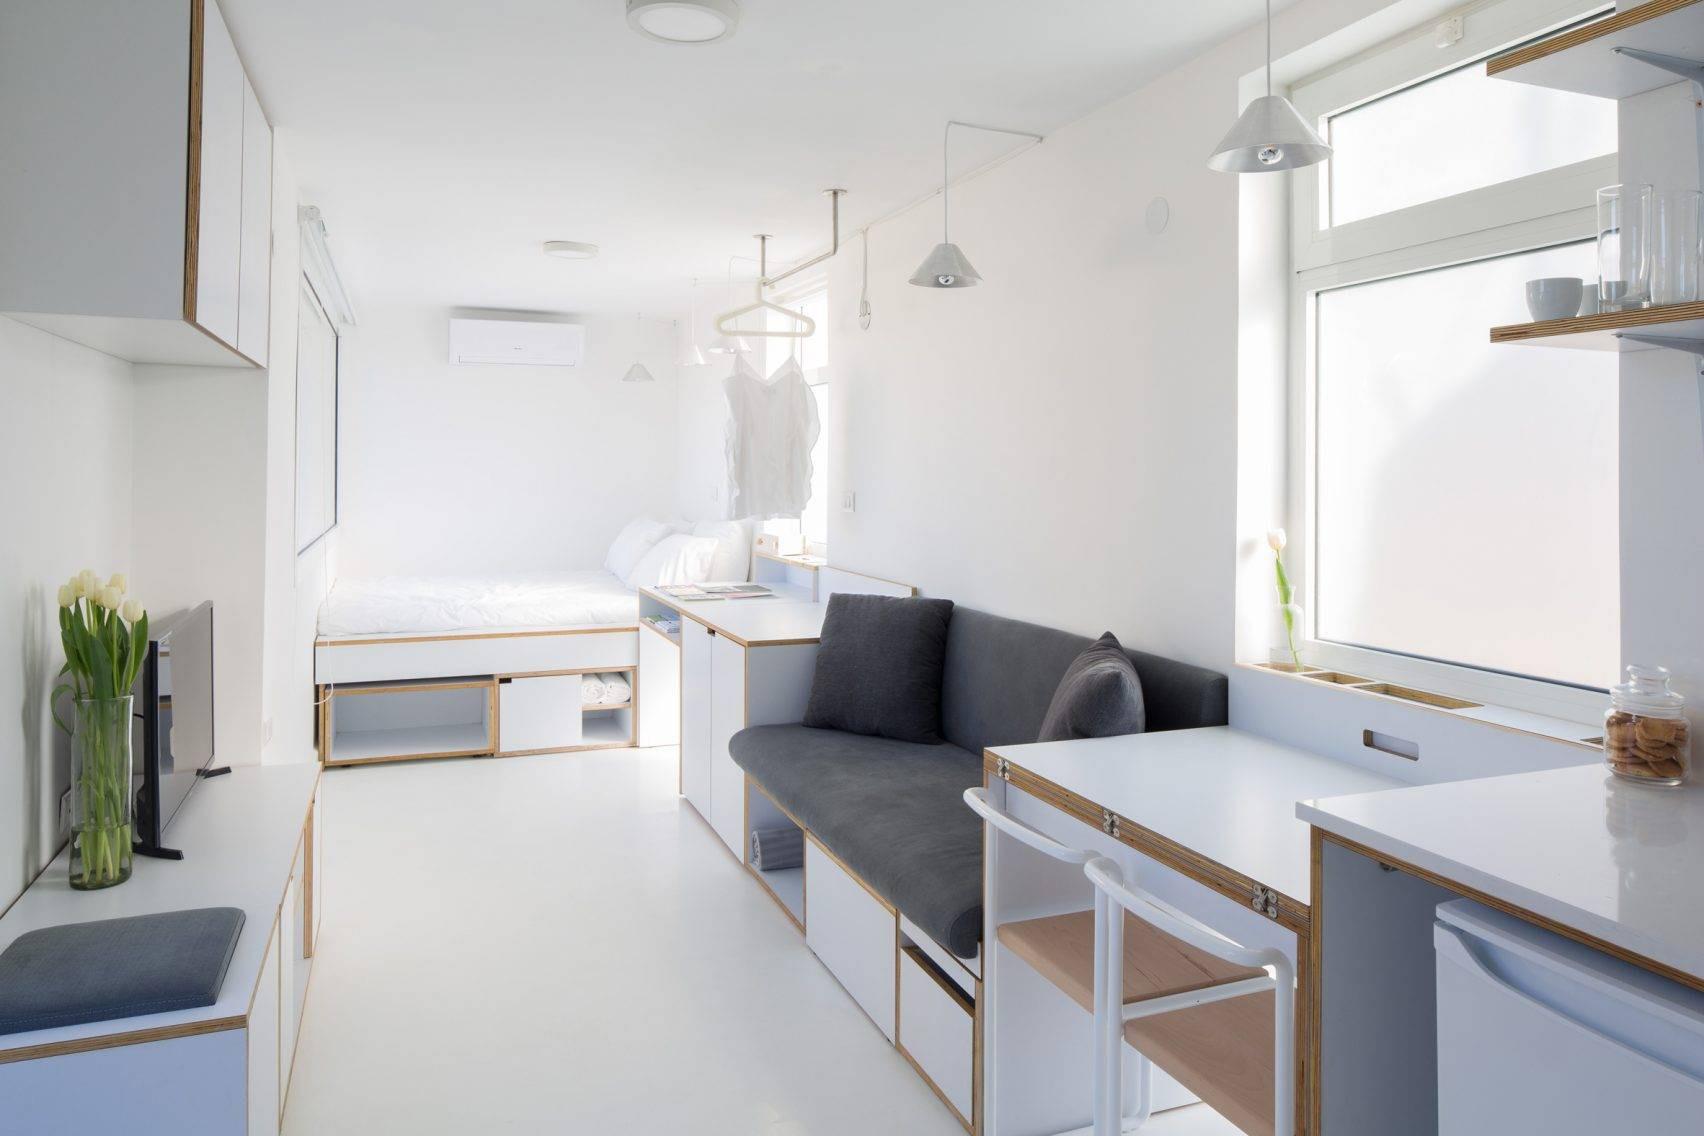 Cuộc sống tiện nghi, đủ đầy chỉ gói ghém vỏn vẹn trong căn hộ nhỏ 15m² - Ảnh 2.